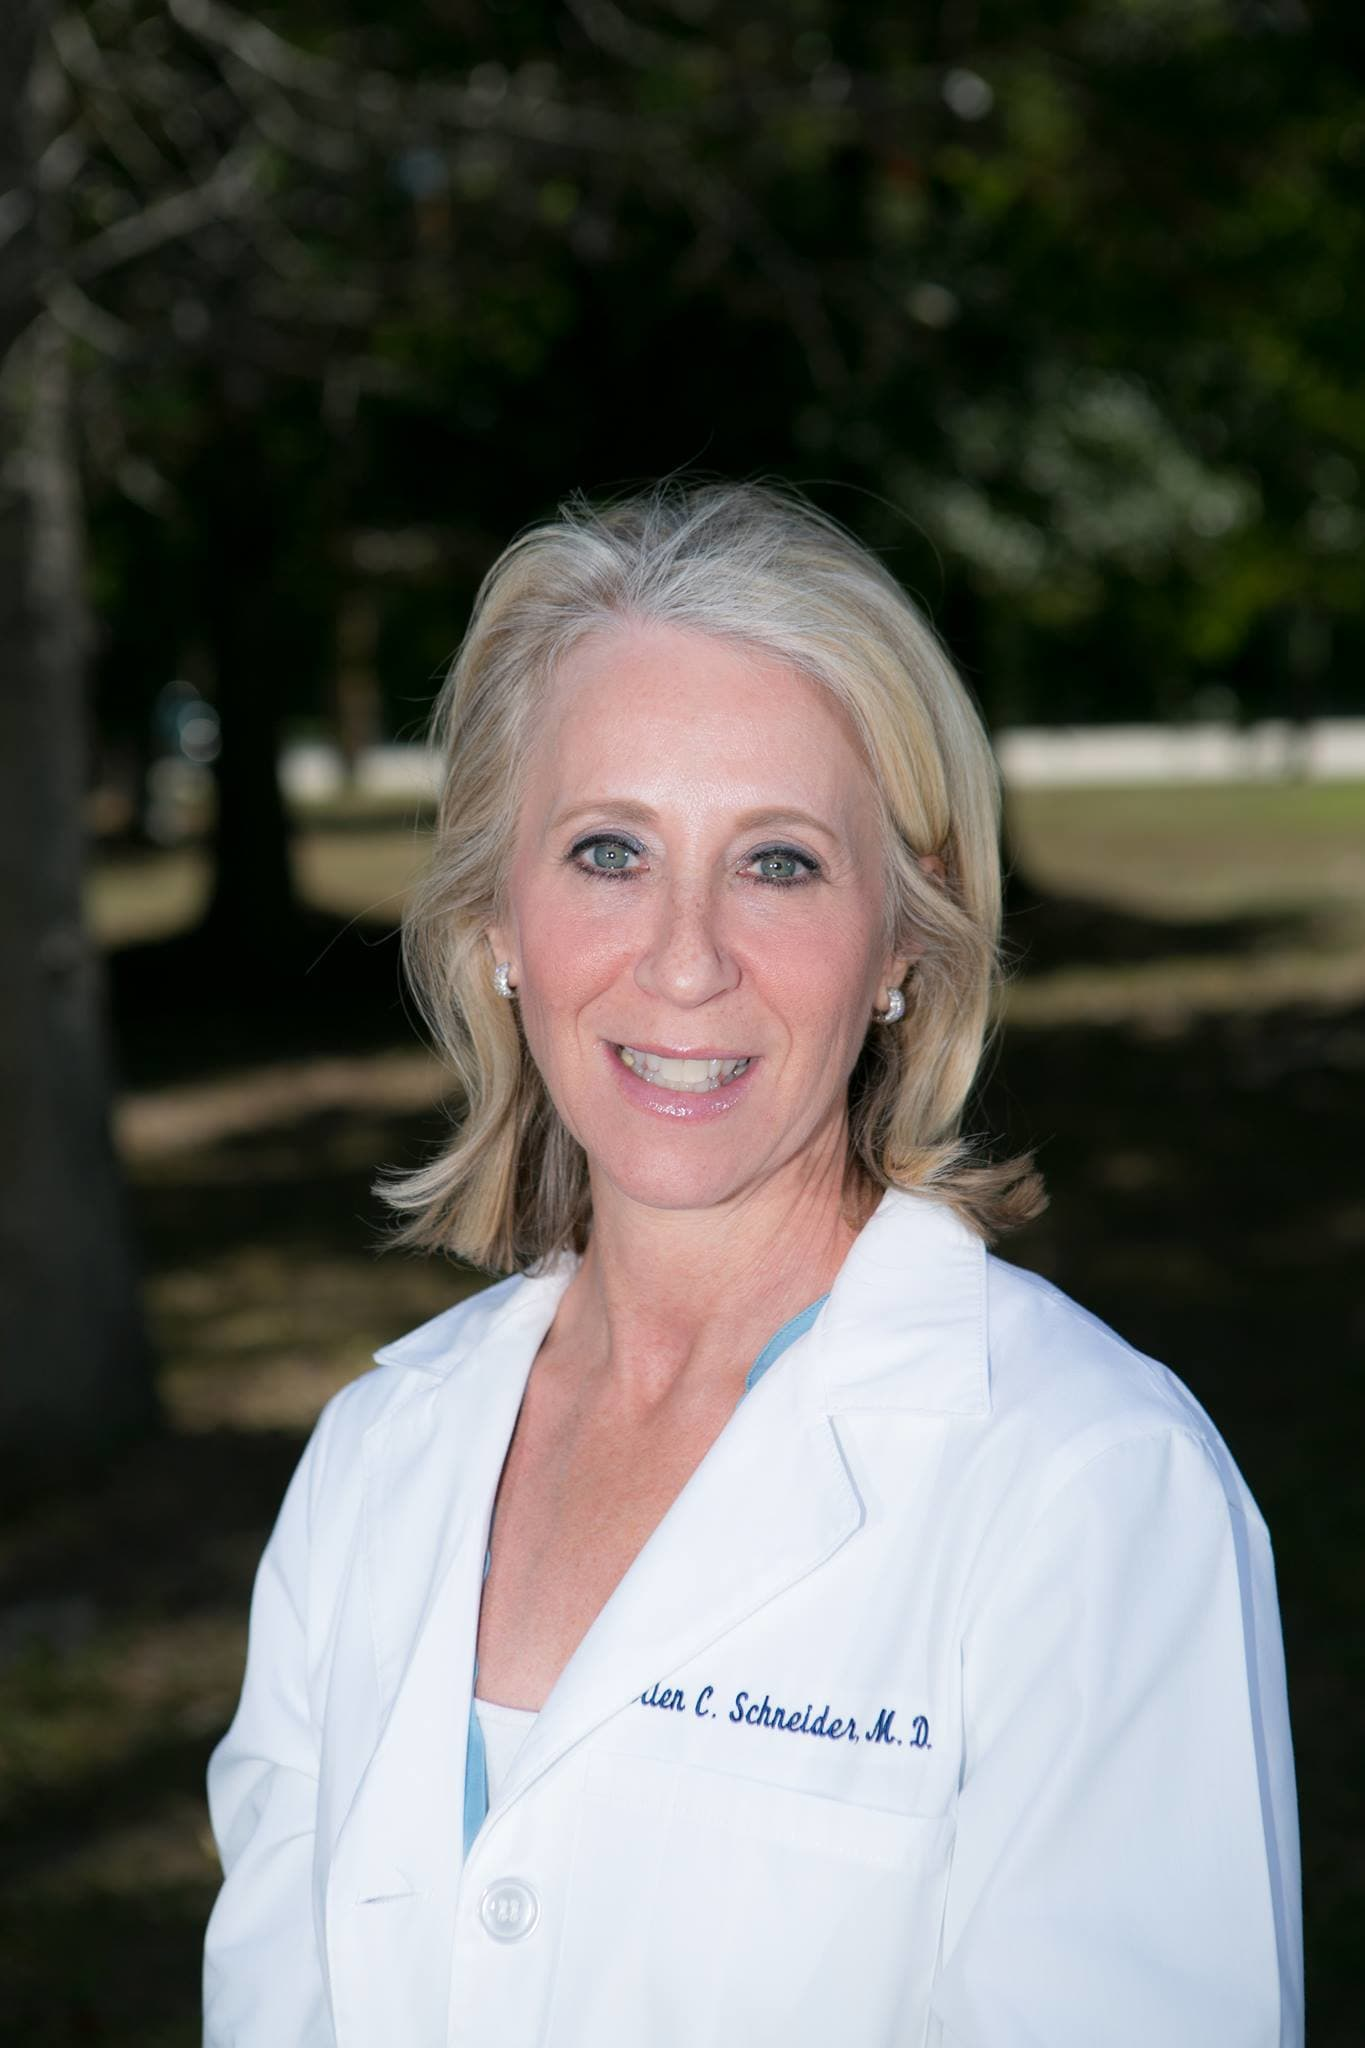 Dr. Ellen C Schneider MD